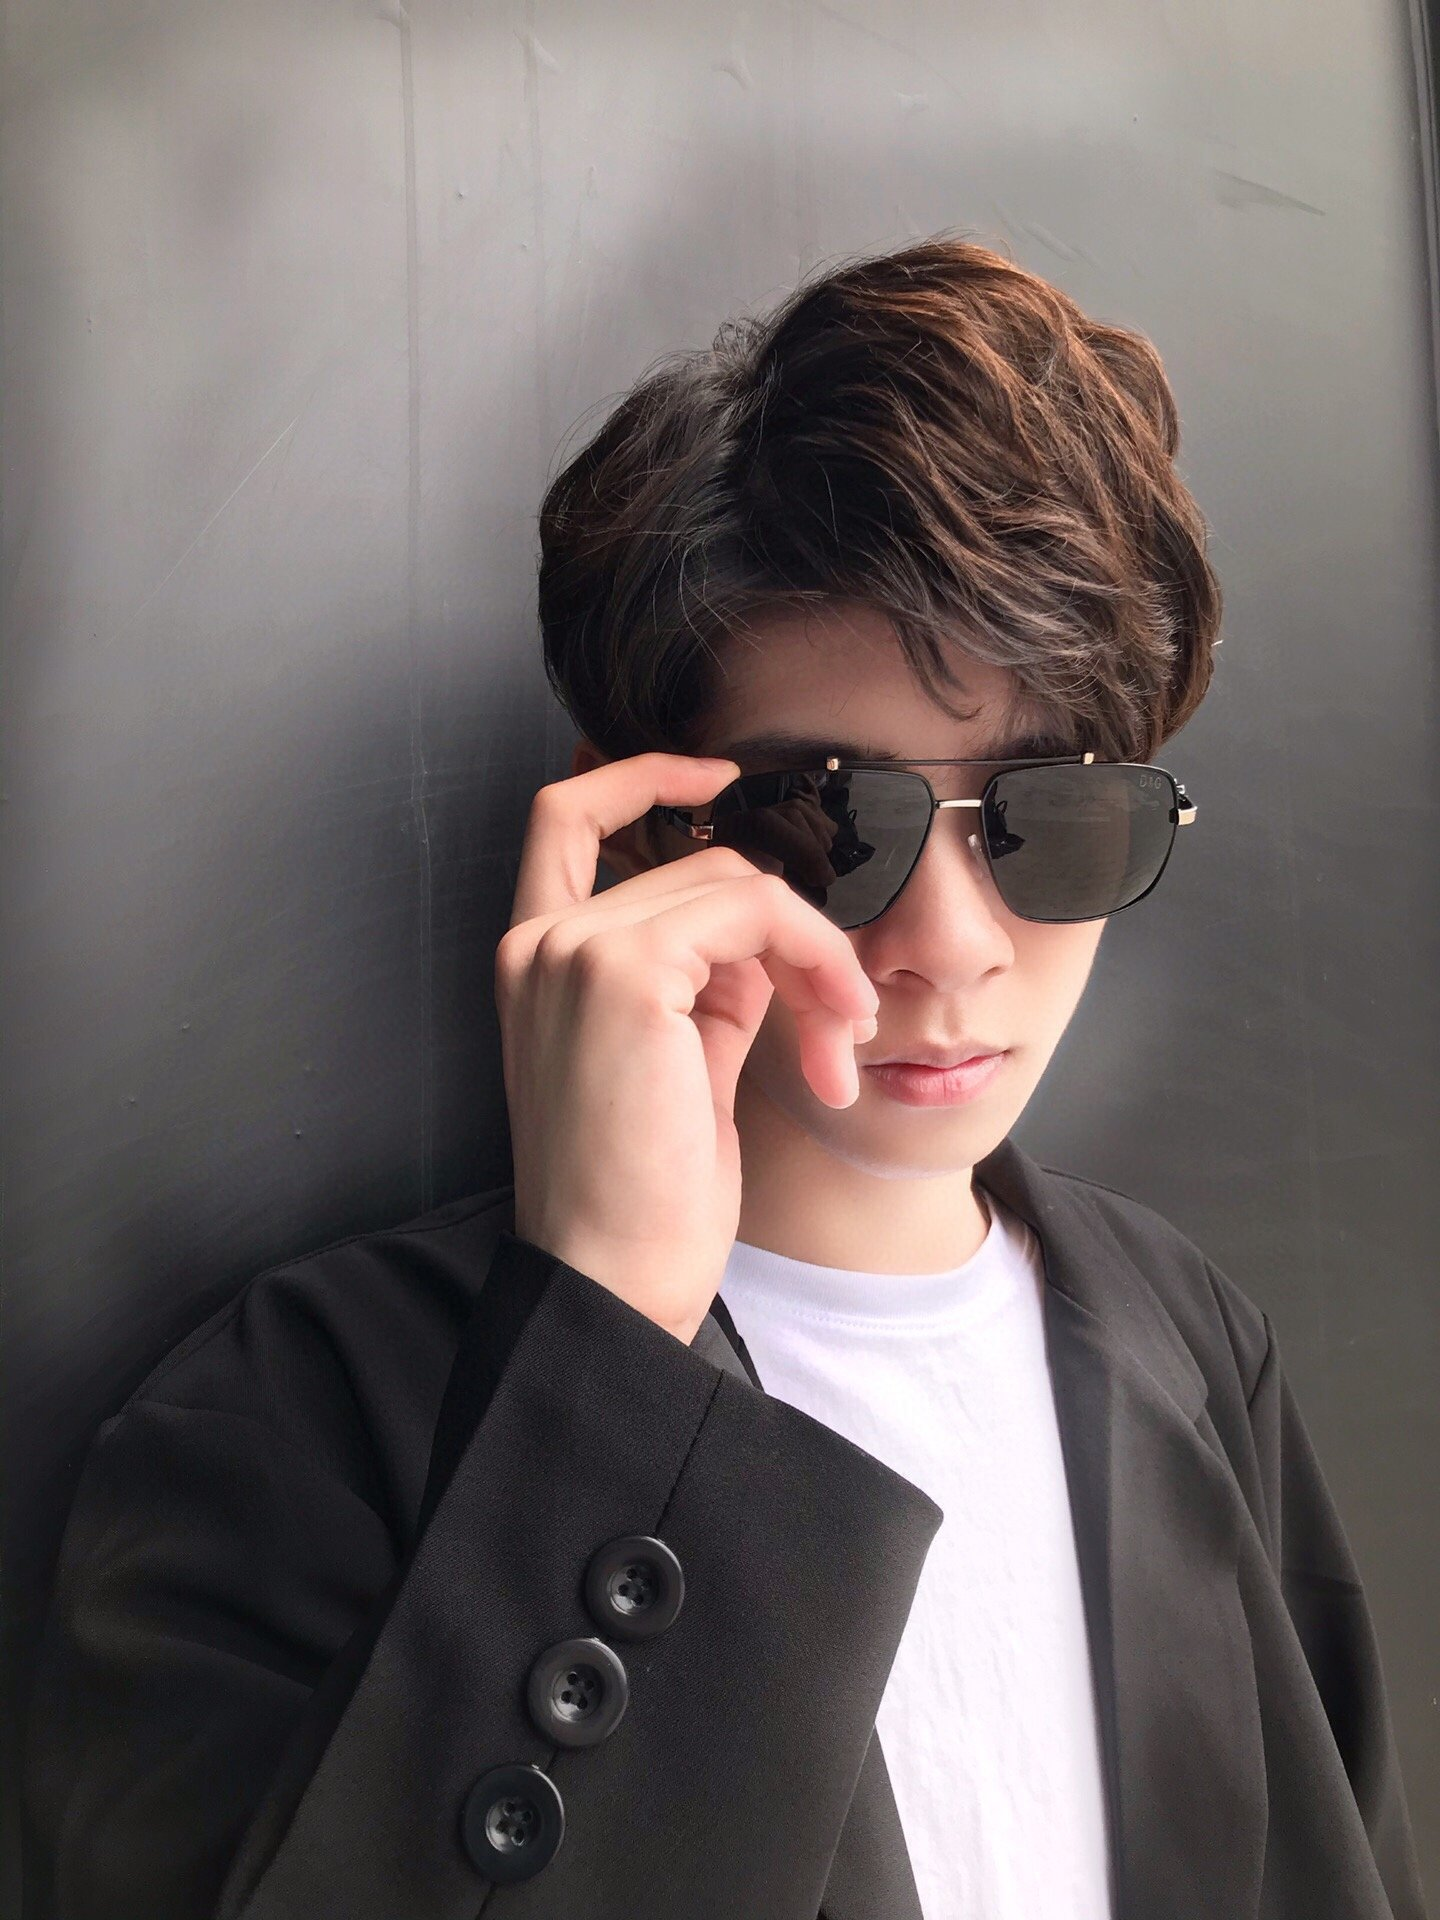 新款品牌DG蒂塔高品质男士偏光太阳镜